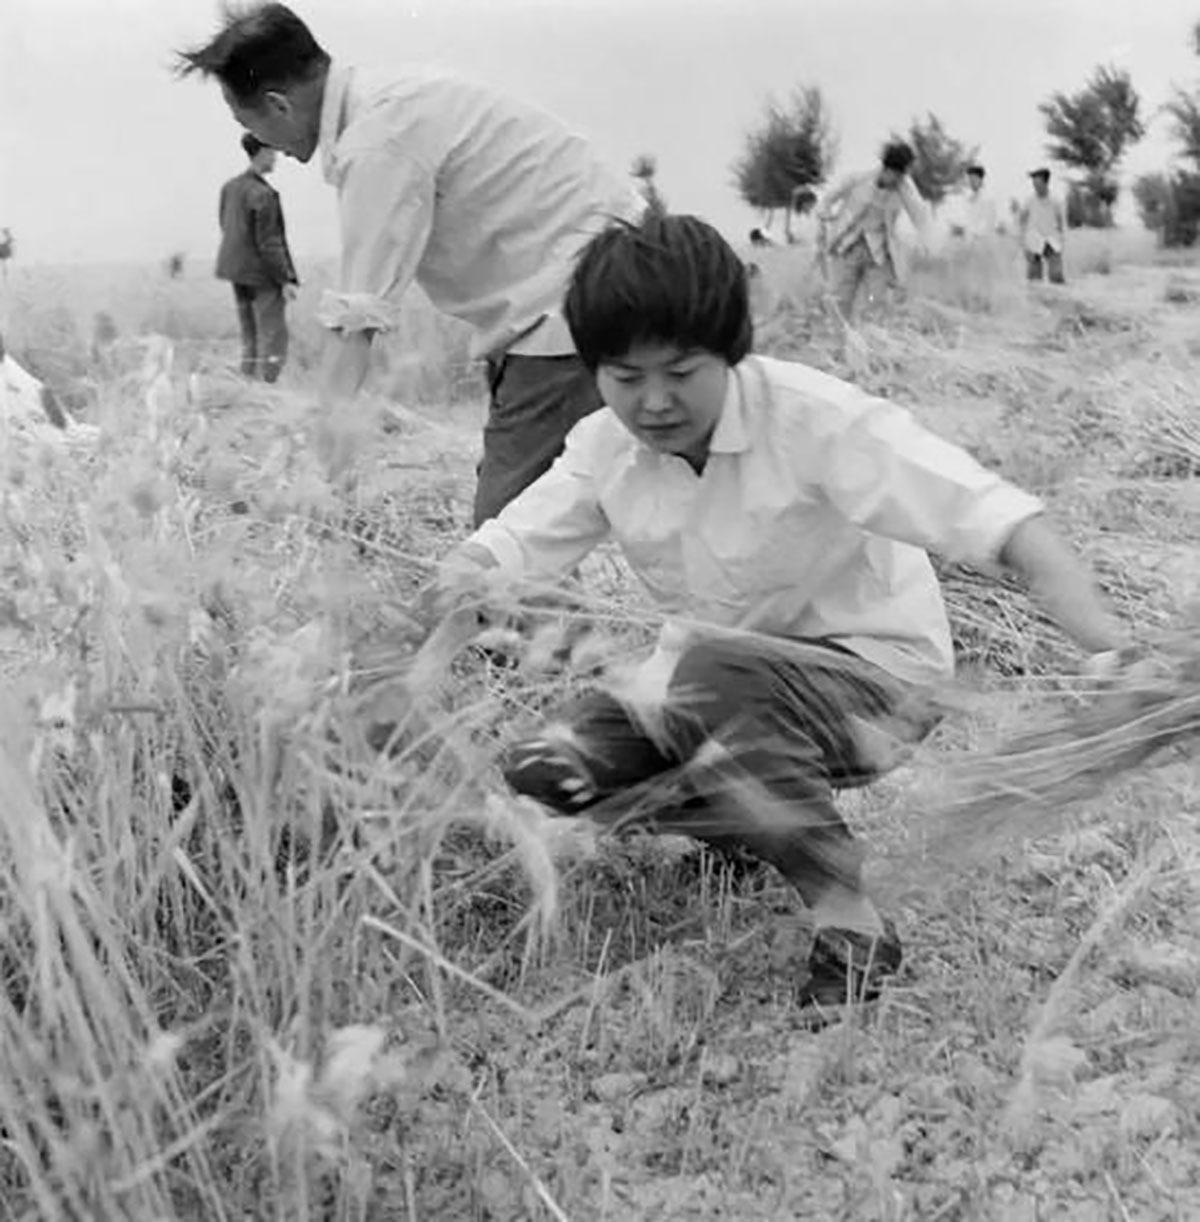 樊錦詩1963年正式進入敦煌研究院工作,當年除了保育石窟,還要兼顧周邊植樹造林,因為水土流失嚴重,會對石窟造成嚴重的侵害,研究員除草植林也是日常工作之一。